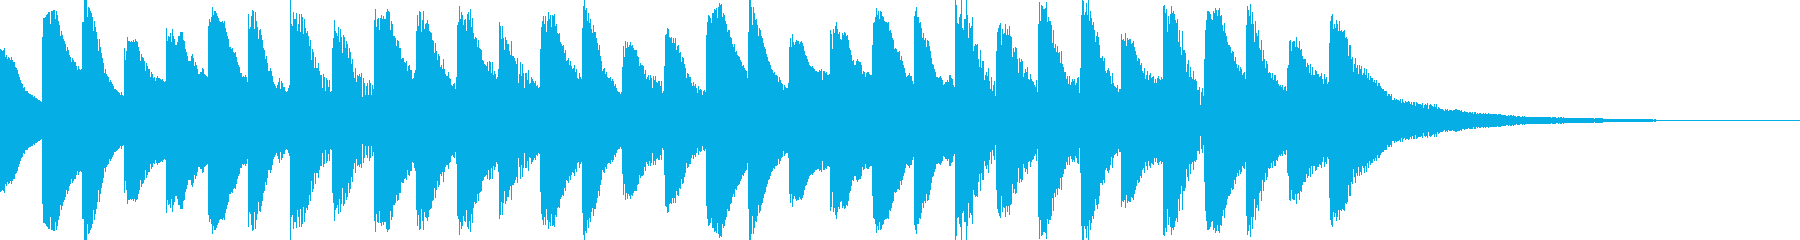 オープニング用サウンドロゴ102の再生済みの波形